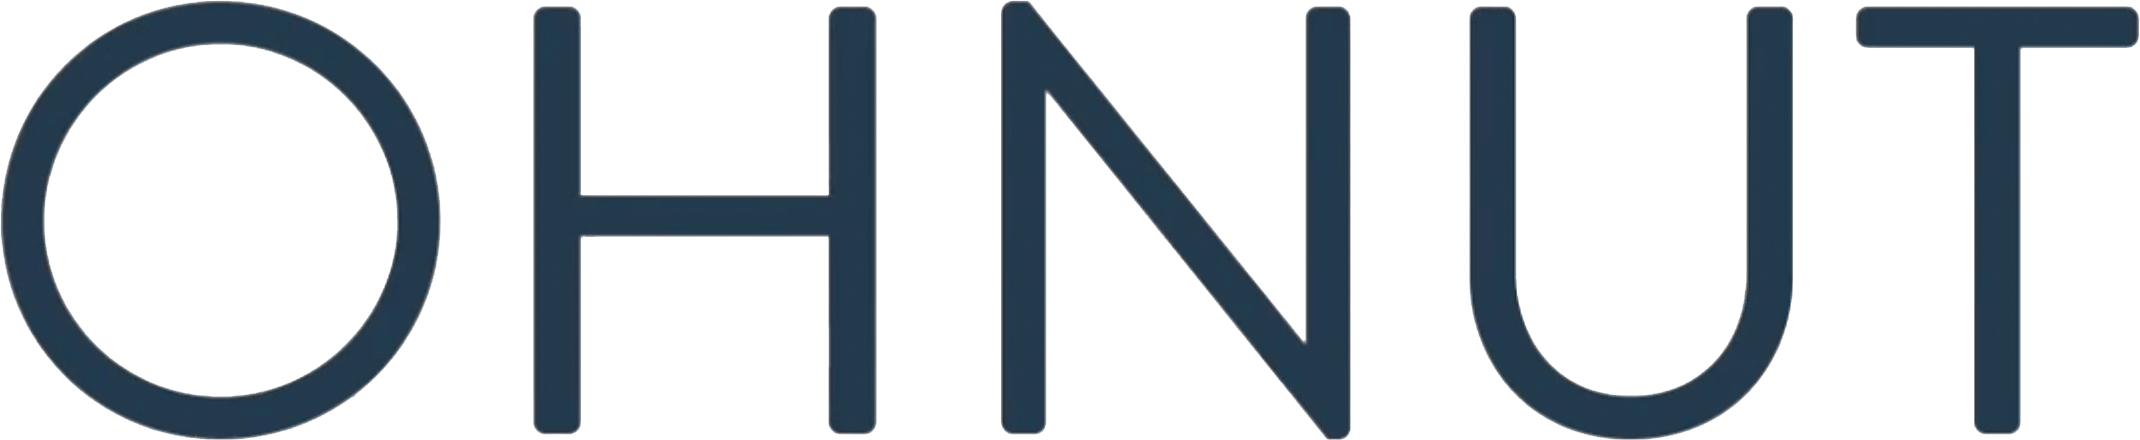 Ohnut Logo